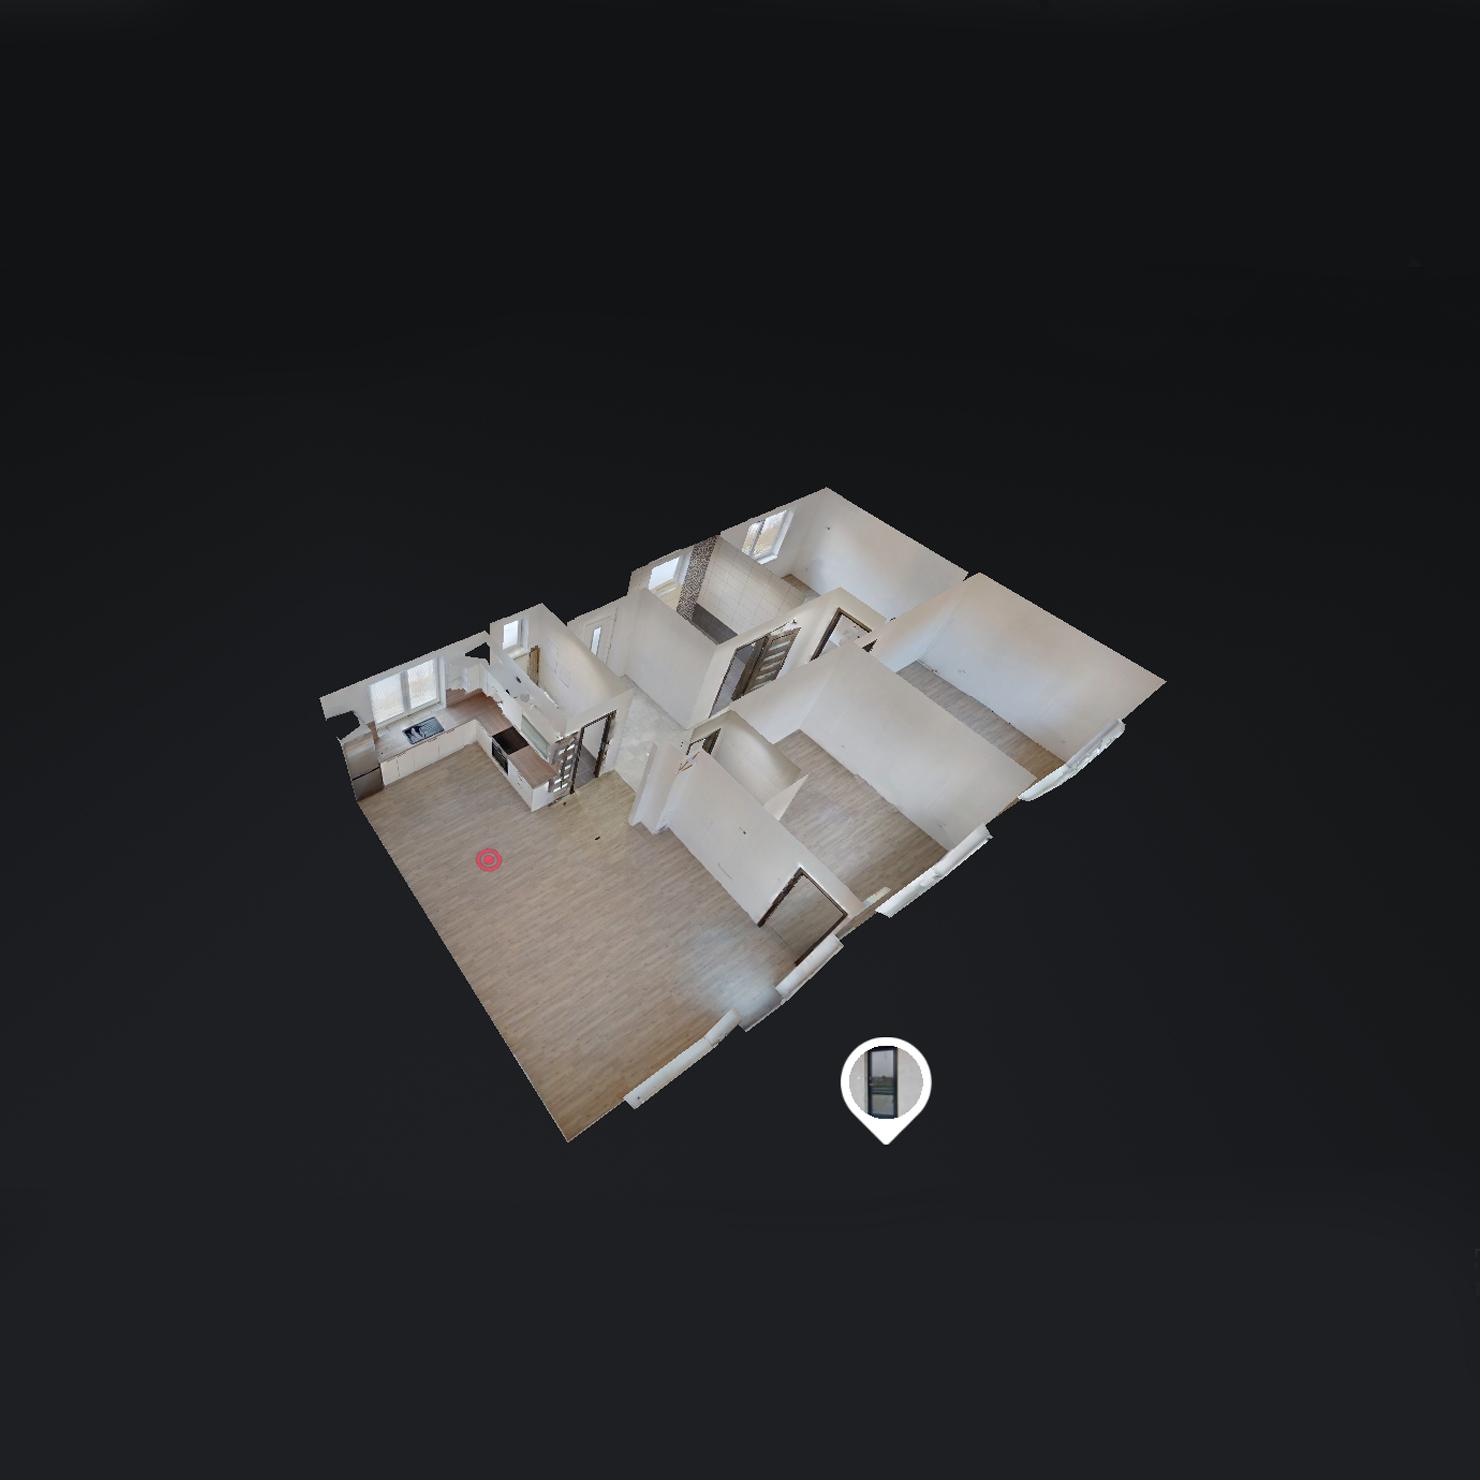 Matterport Virtuálna prehliadka